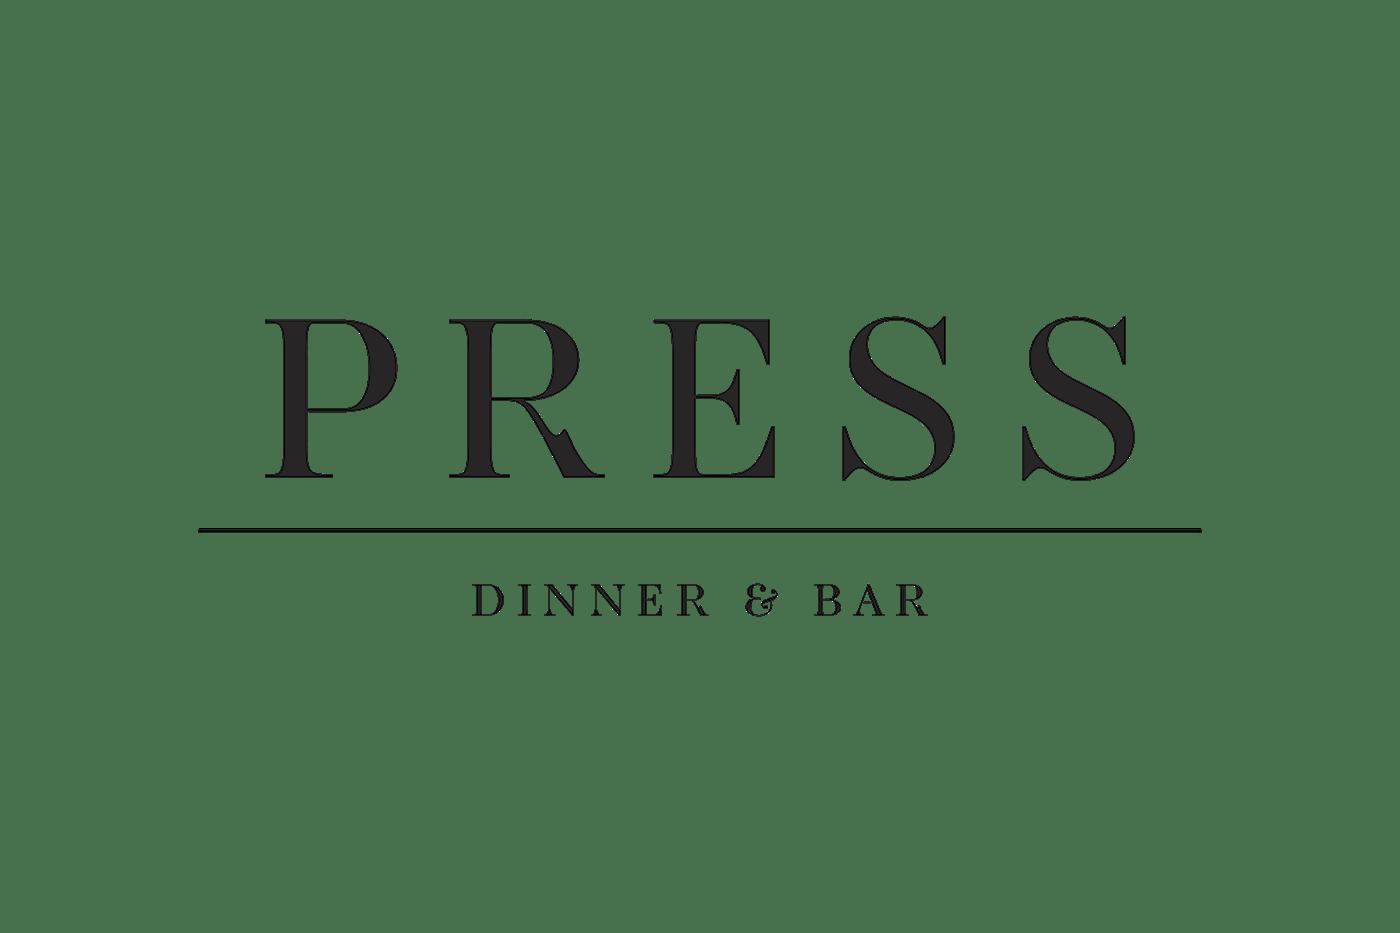 Press Dinner Amp Bar On Behance